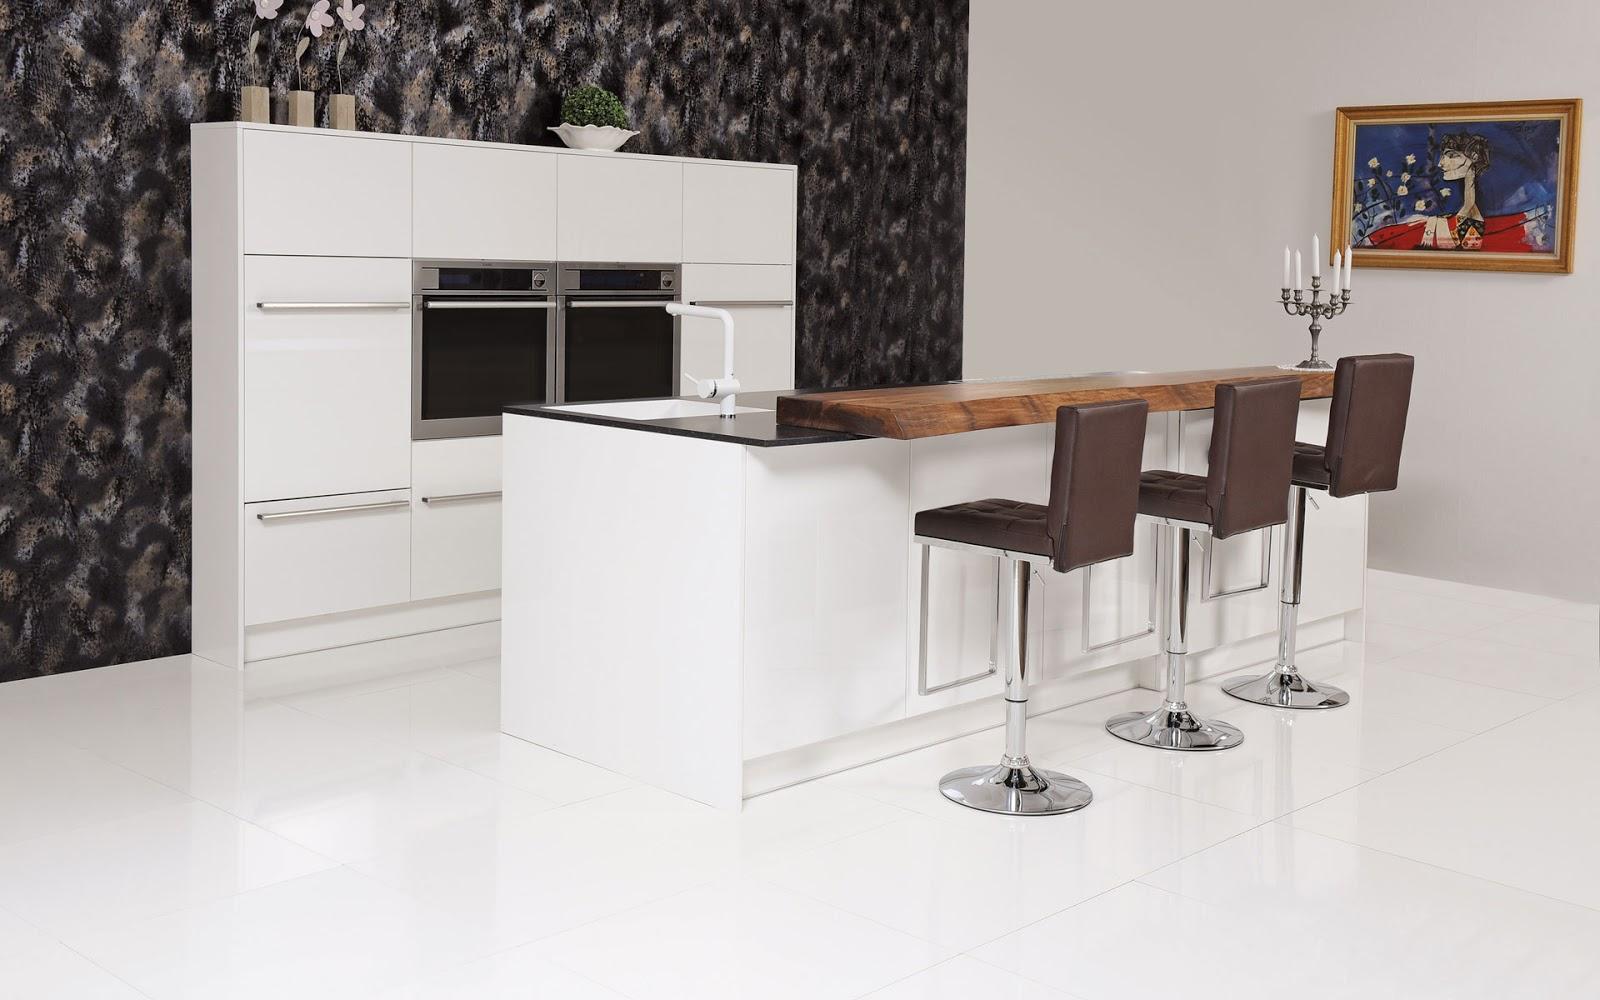 30 ideas de mesas y barras para comer en la cocina - Barras para cocinas ...